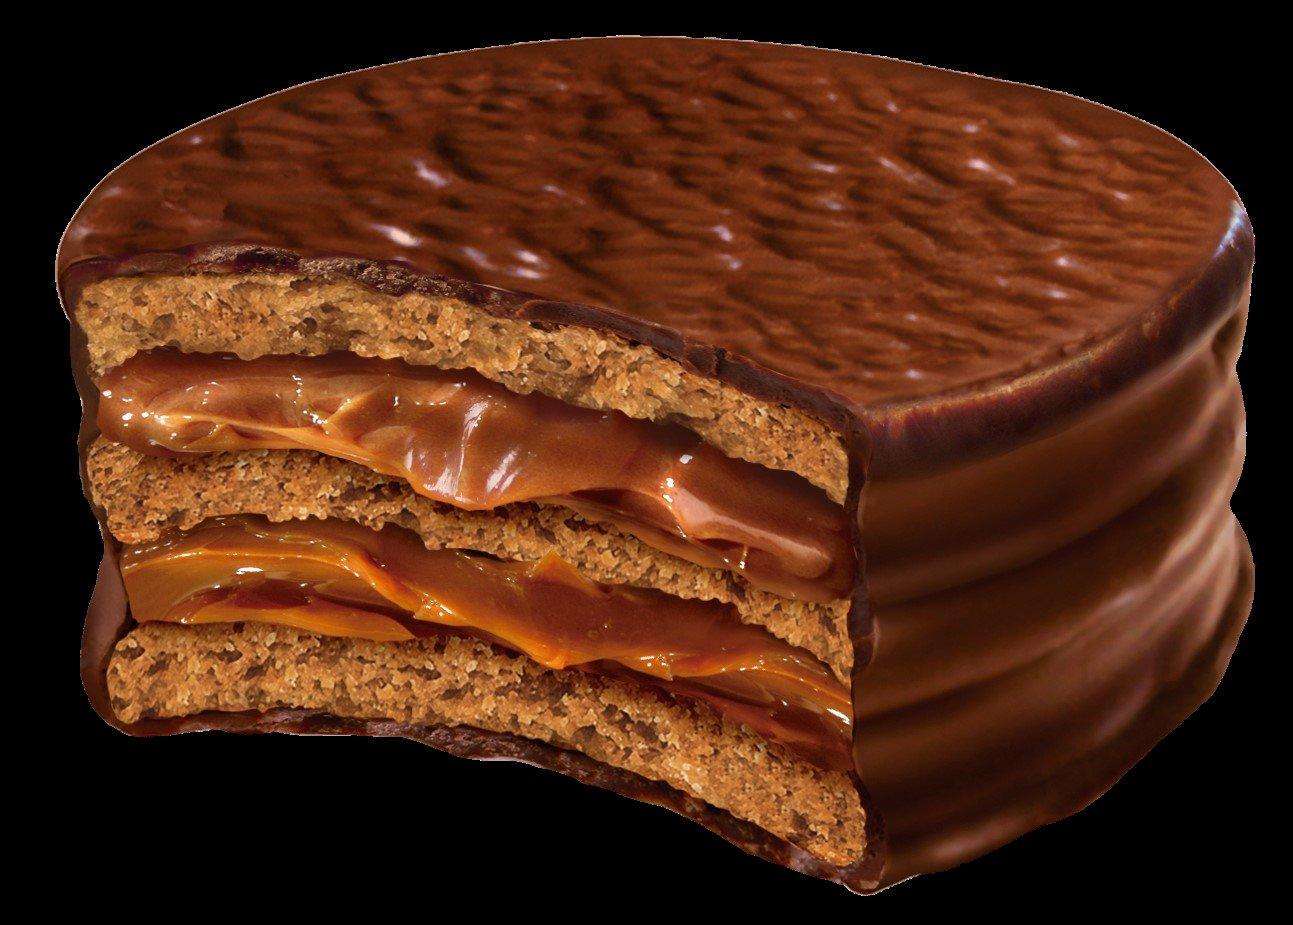 Nevares y sus dulces más rebeldes: Tripleto, Chocoblock y Chocoball